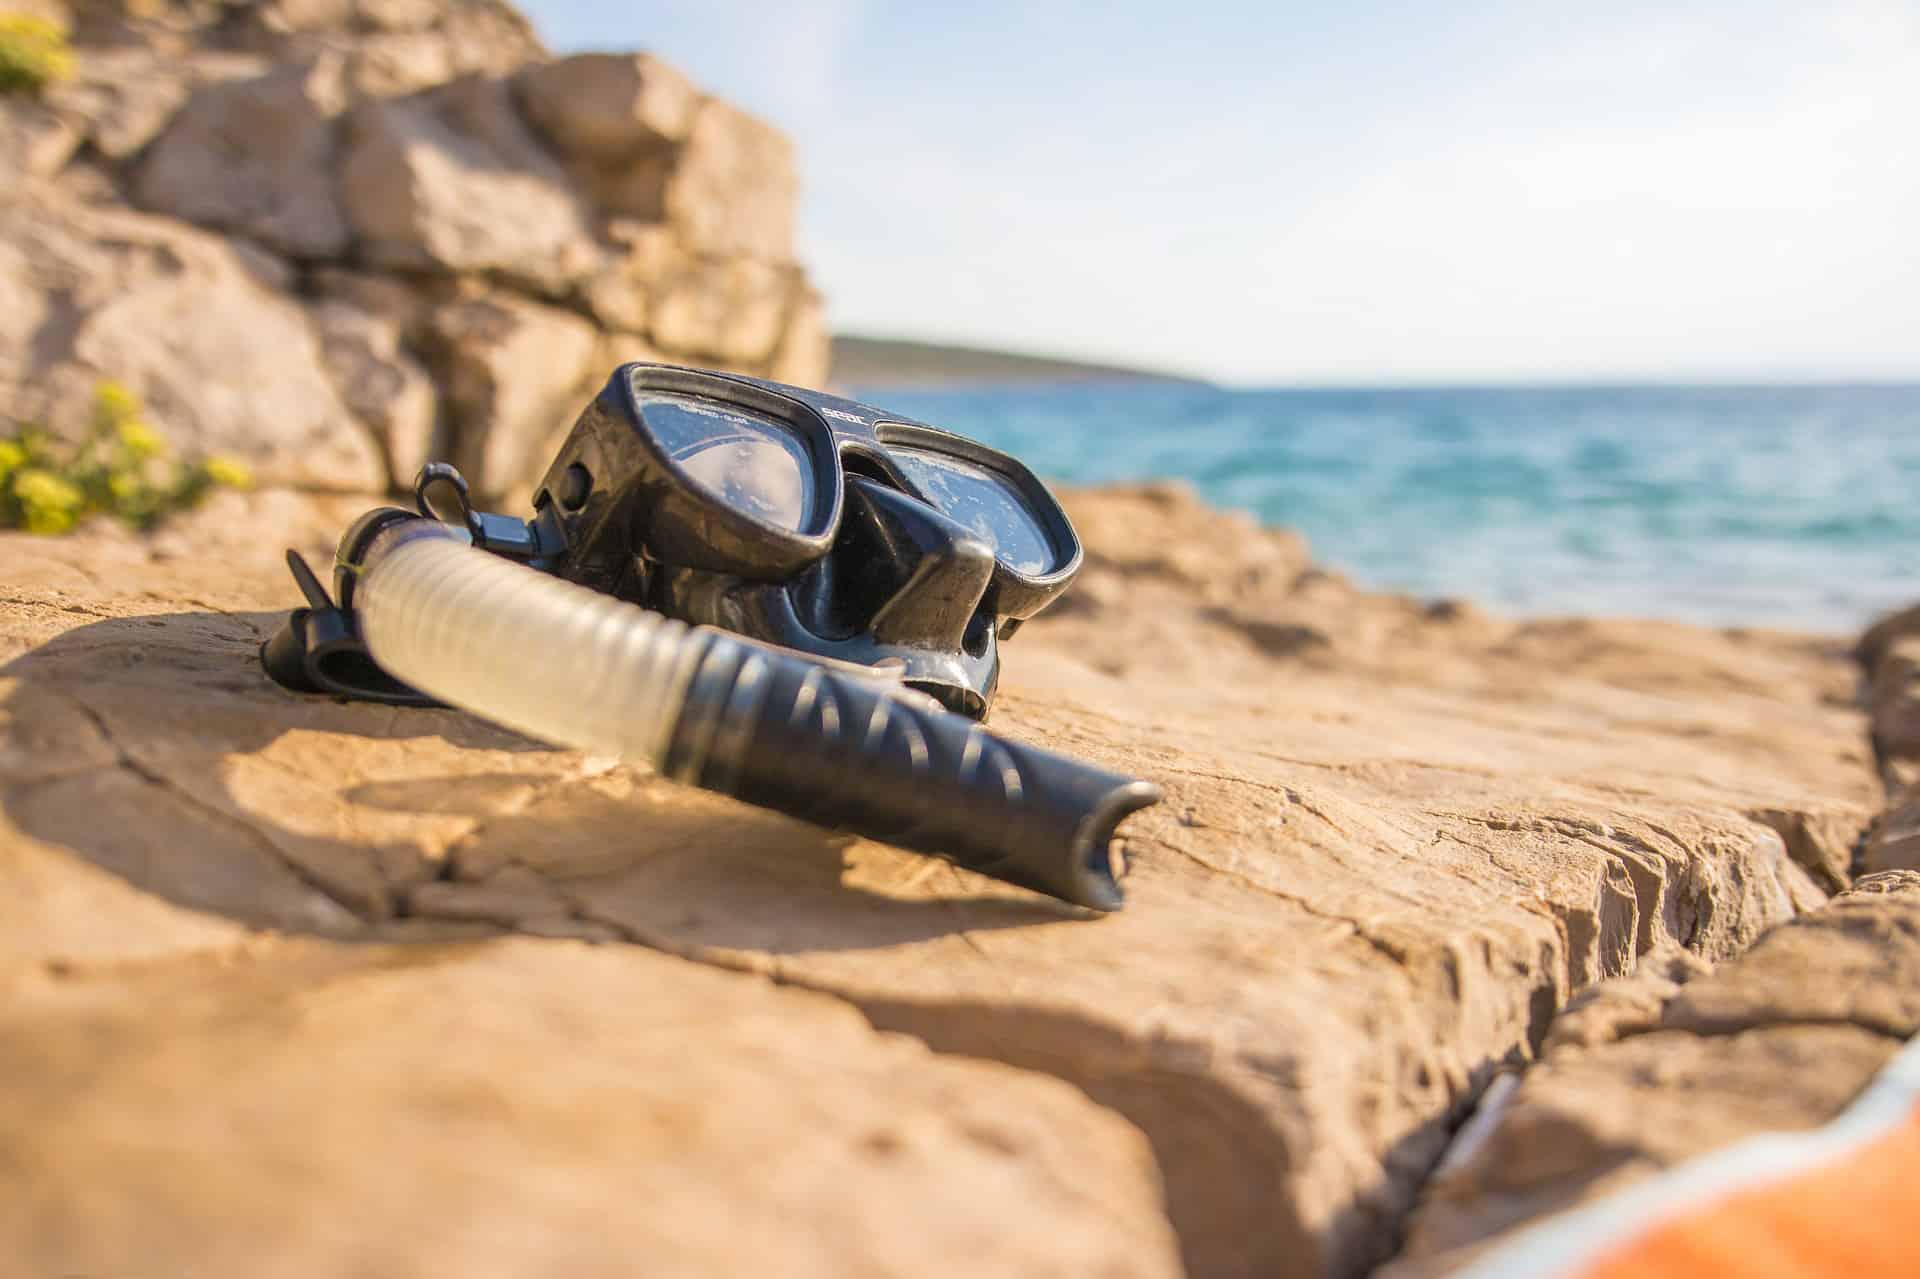 akcesoria do snorkelingu leżące na skale na brzegu morza